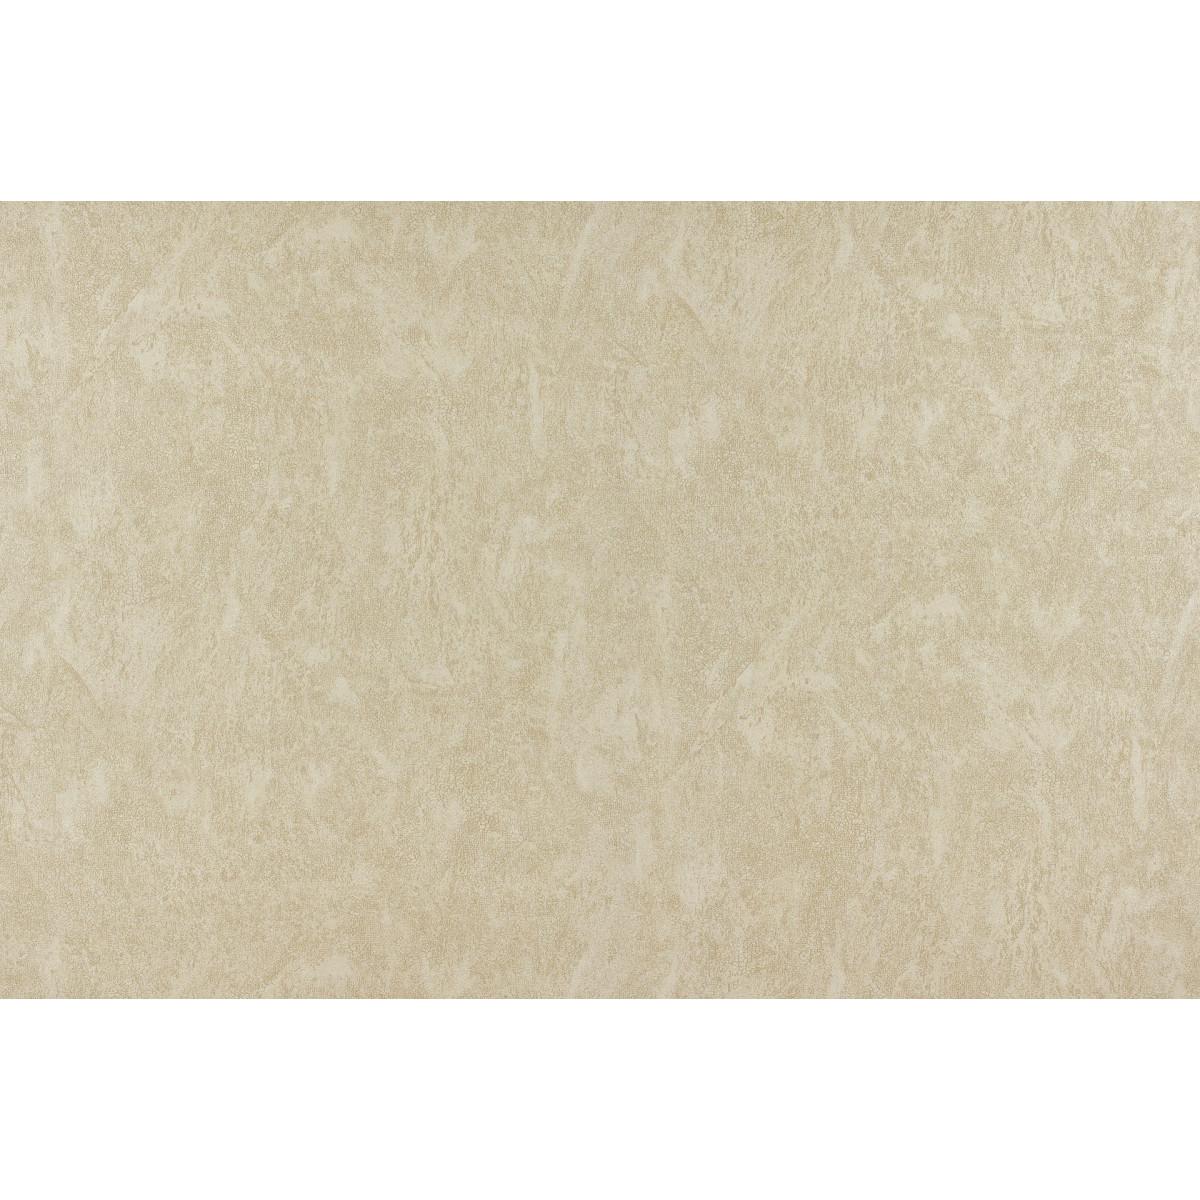 Обои флизелиновые Артекс Magic Mint Сет 2 Капри коричневые 1.06 м 10068-04